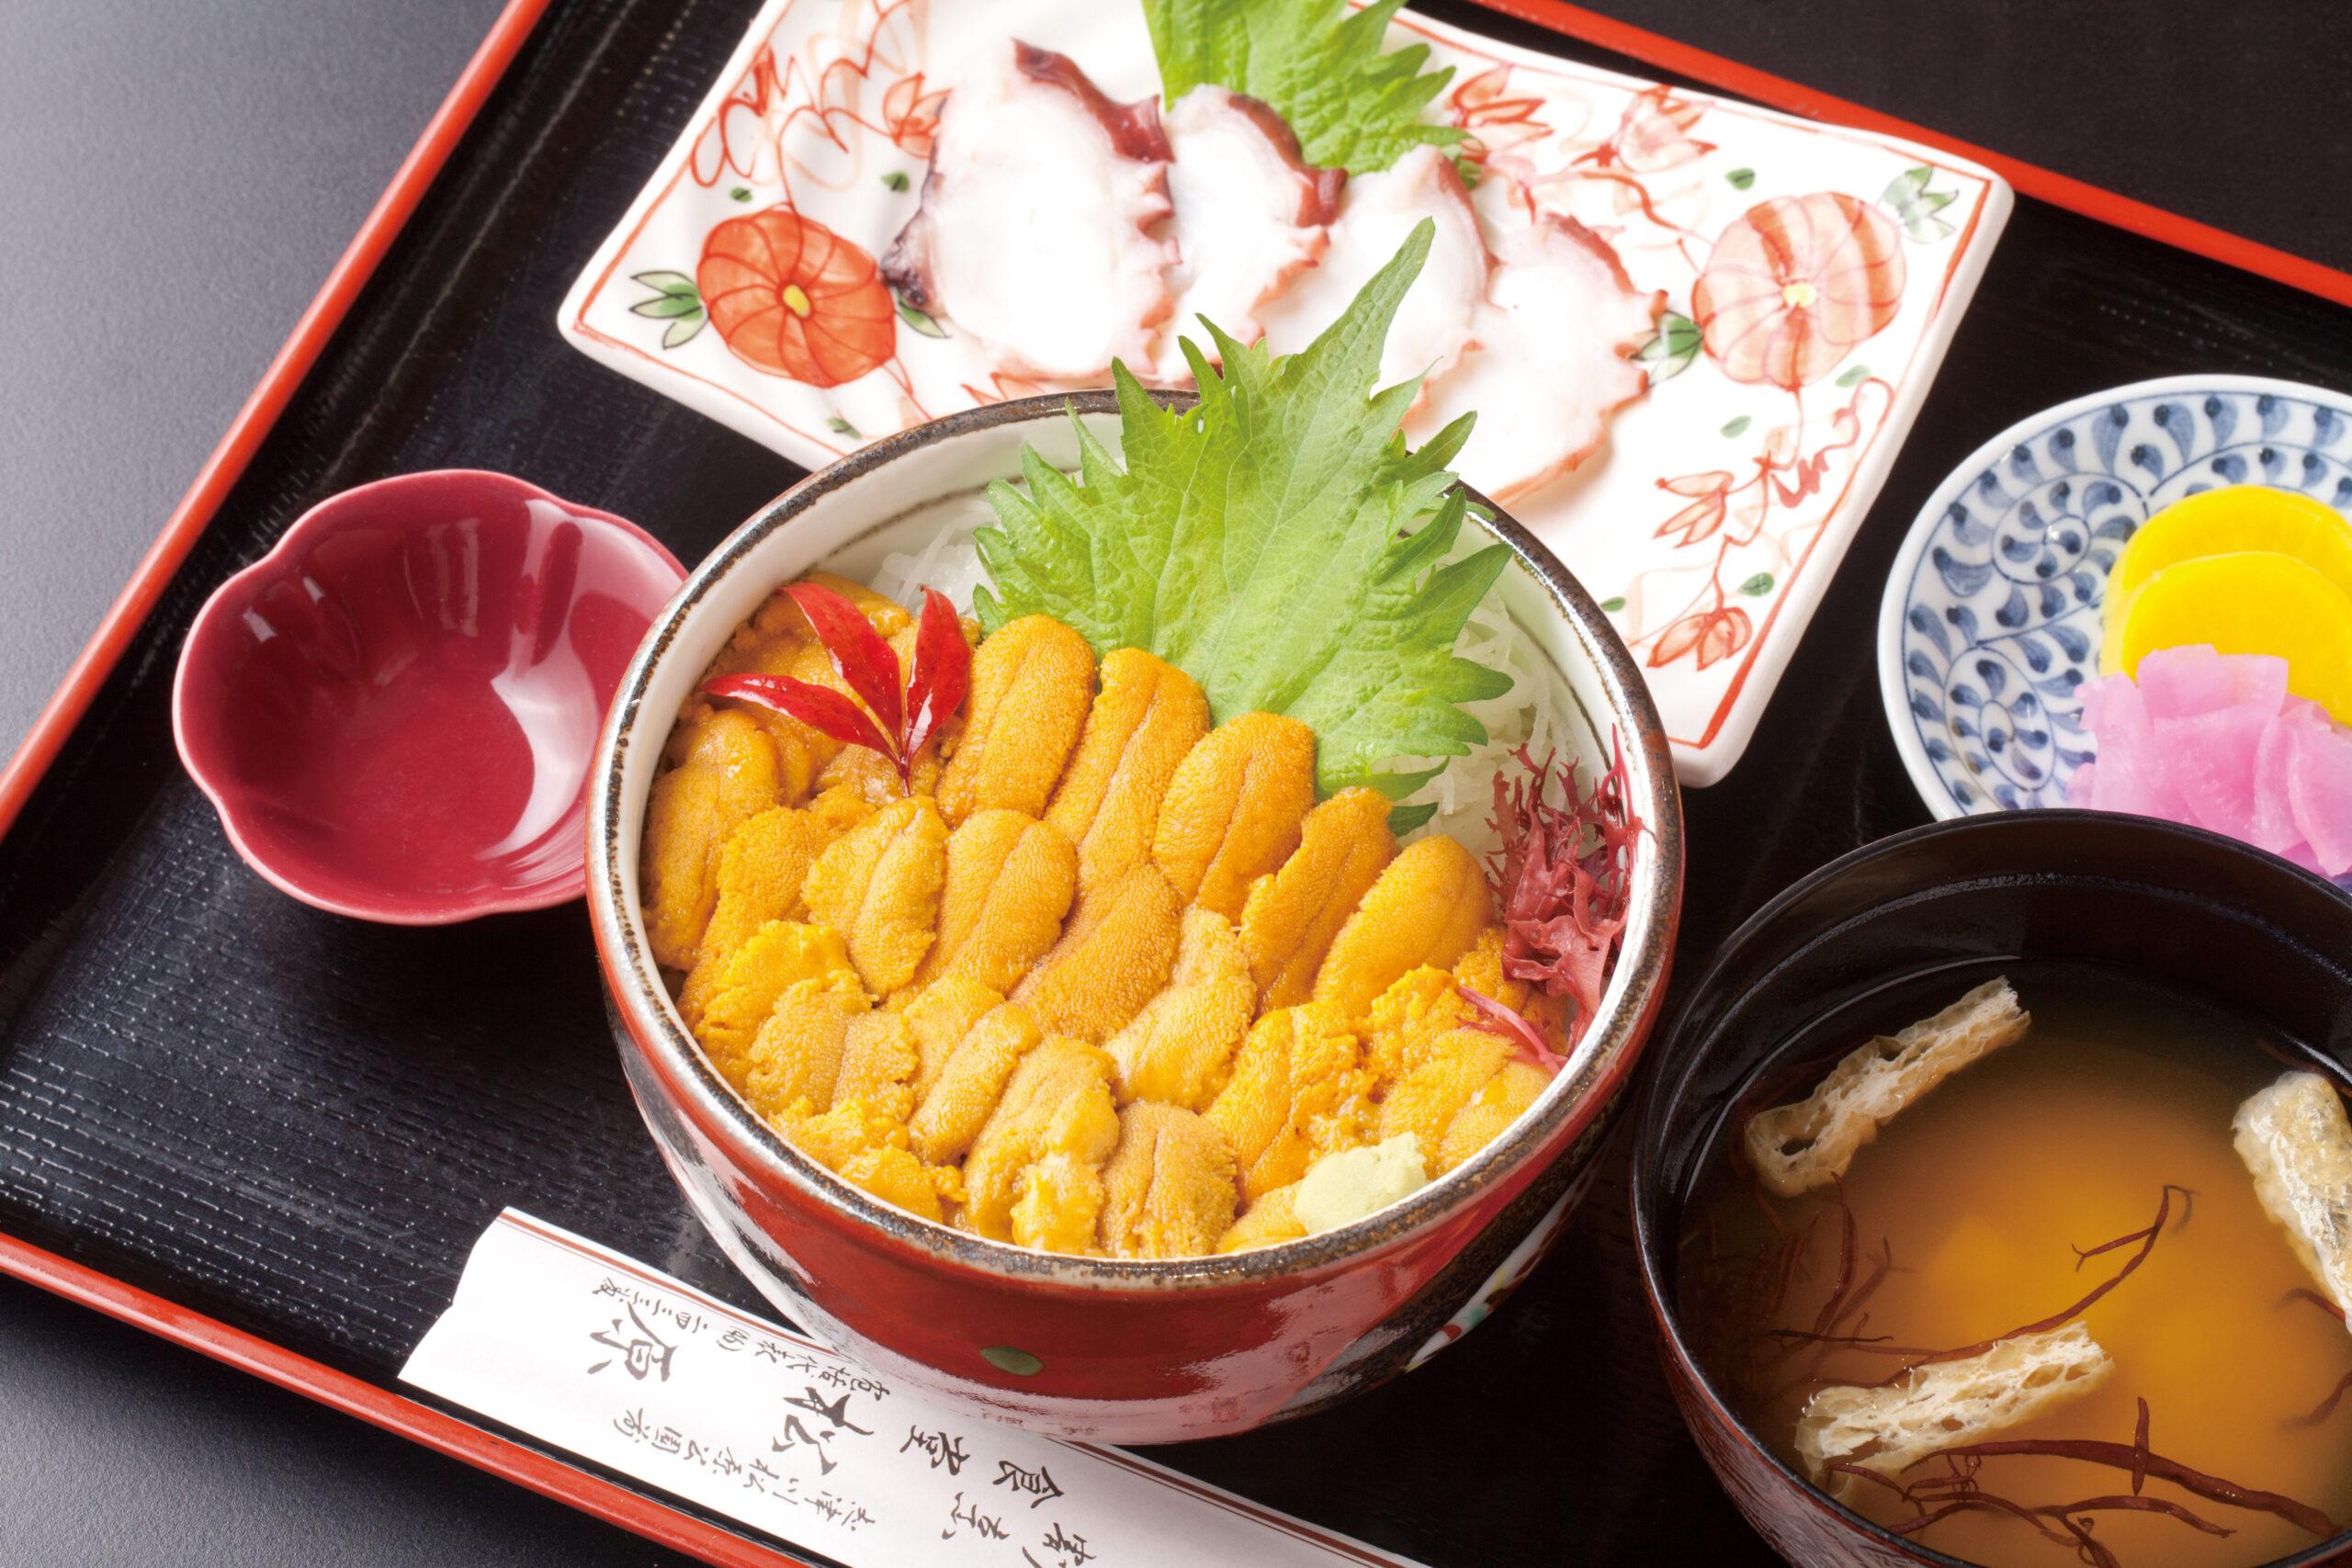 季節の豪華キラキラ丼のご昼食と南三陸さんさん商店街